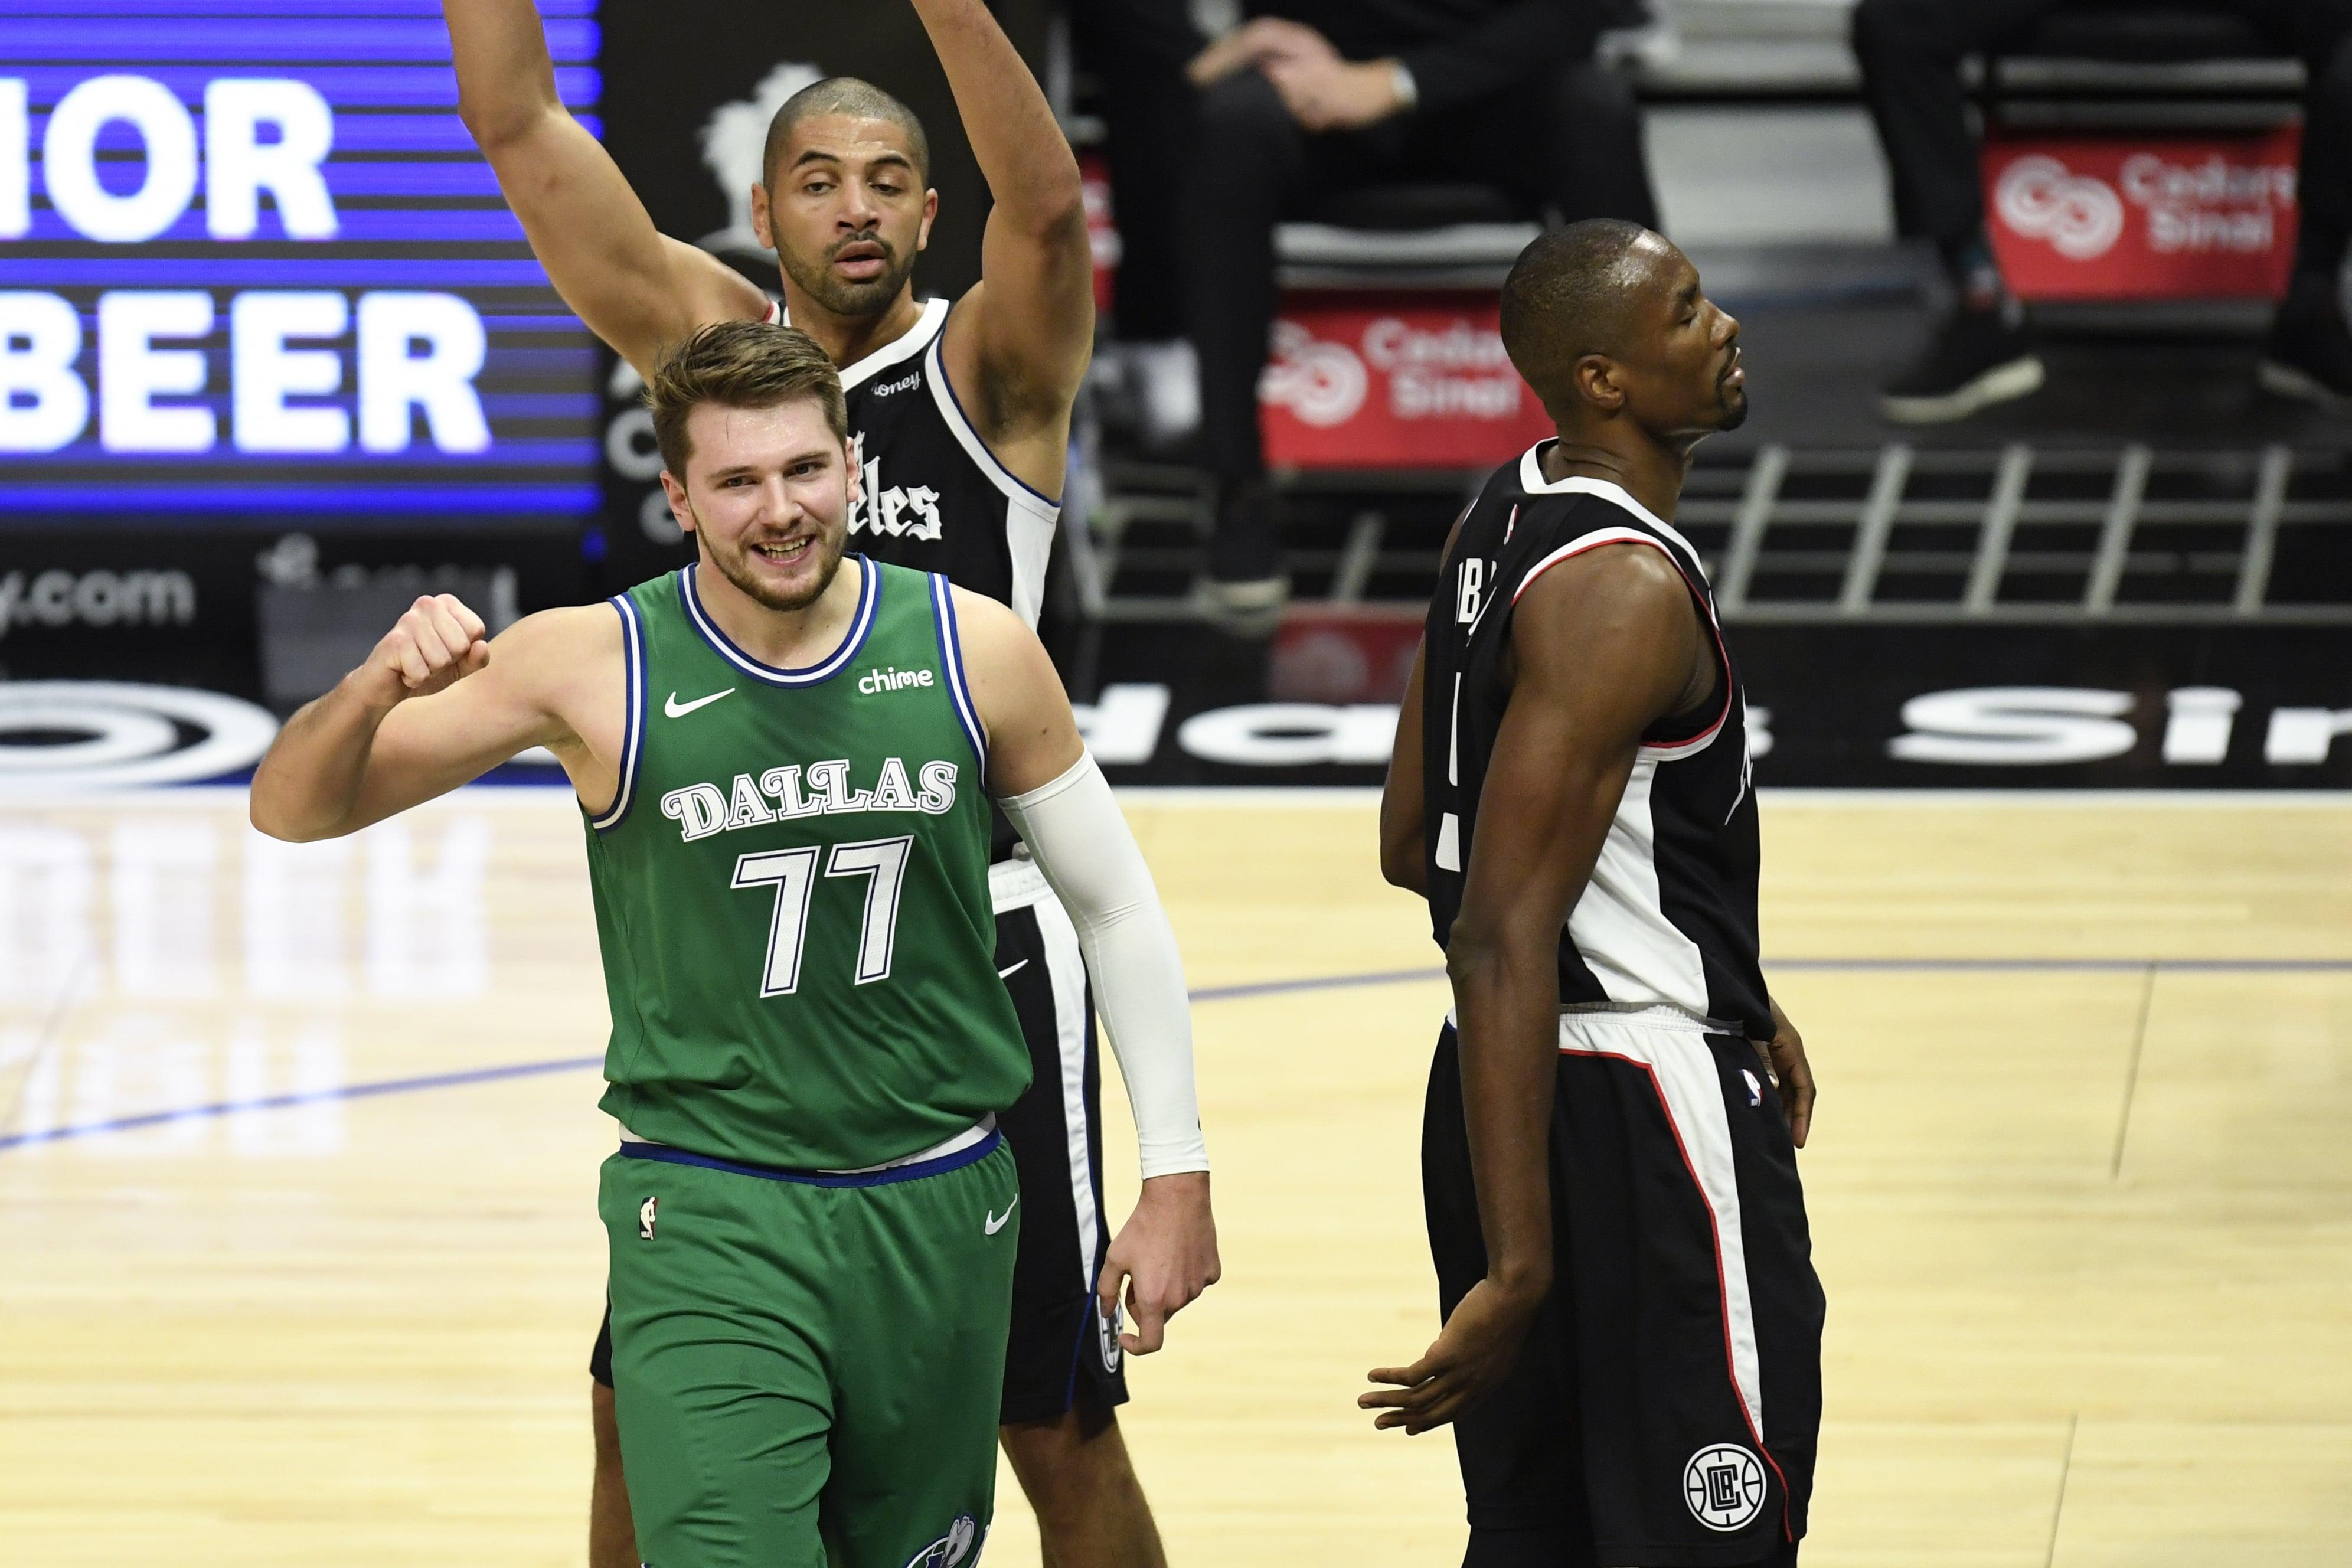 VIDEO: septiņi 21. gadsimta lielākie zaudējumi NBA